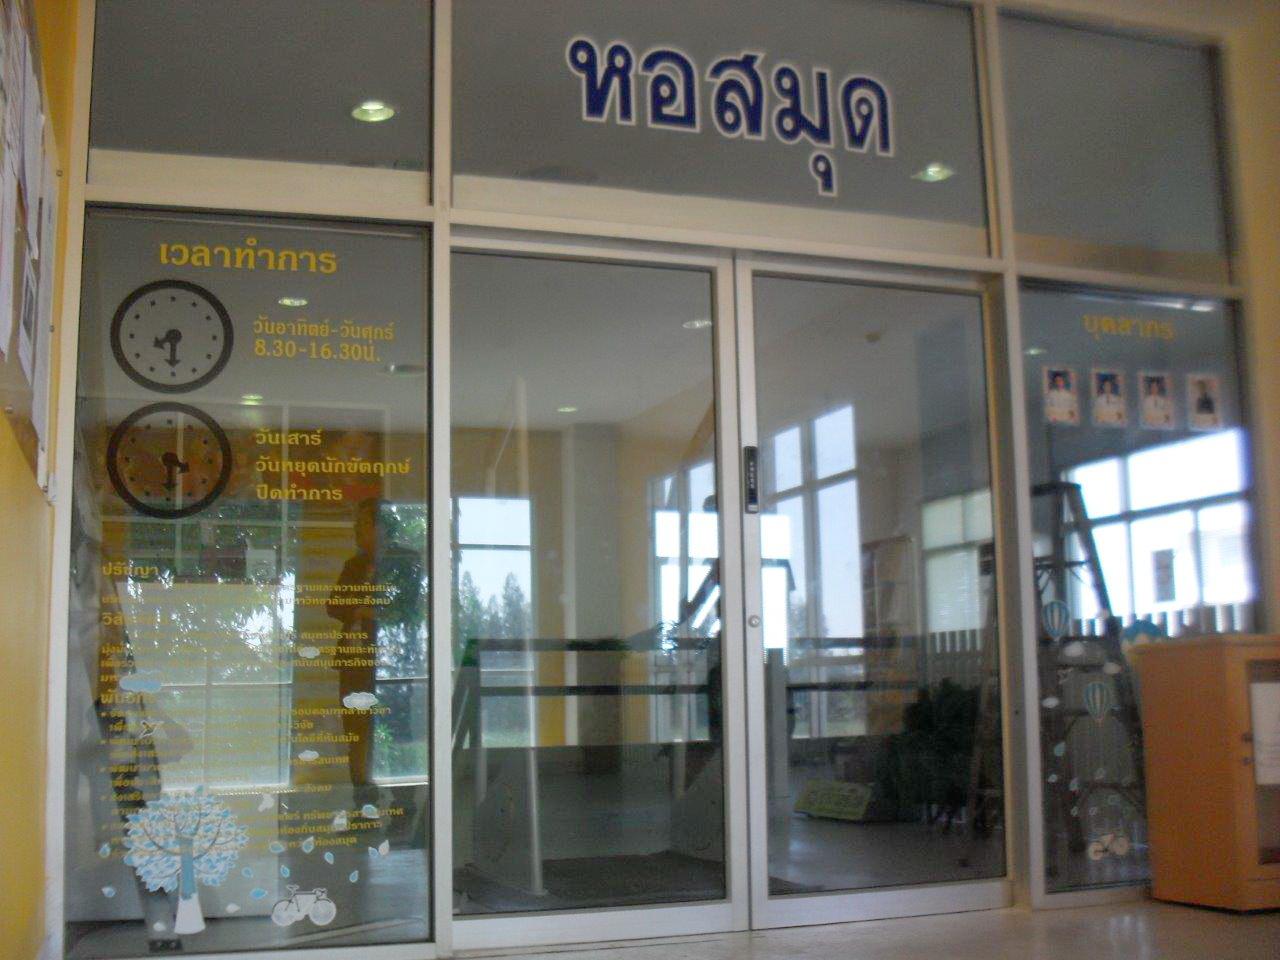 หอสมุด มหาวิทยาลัยราชภัฏธนบุรี